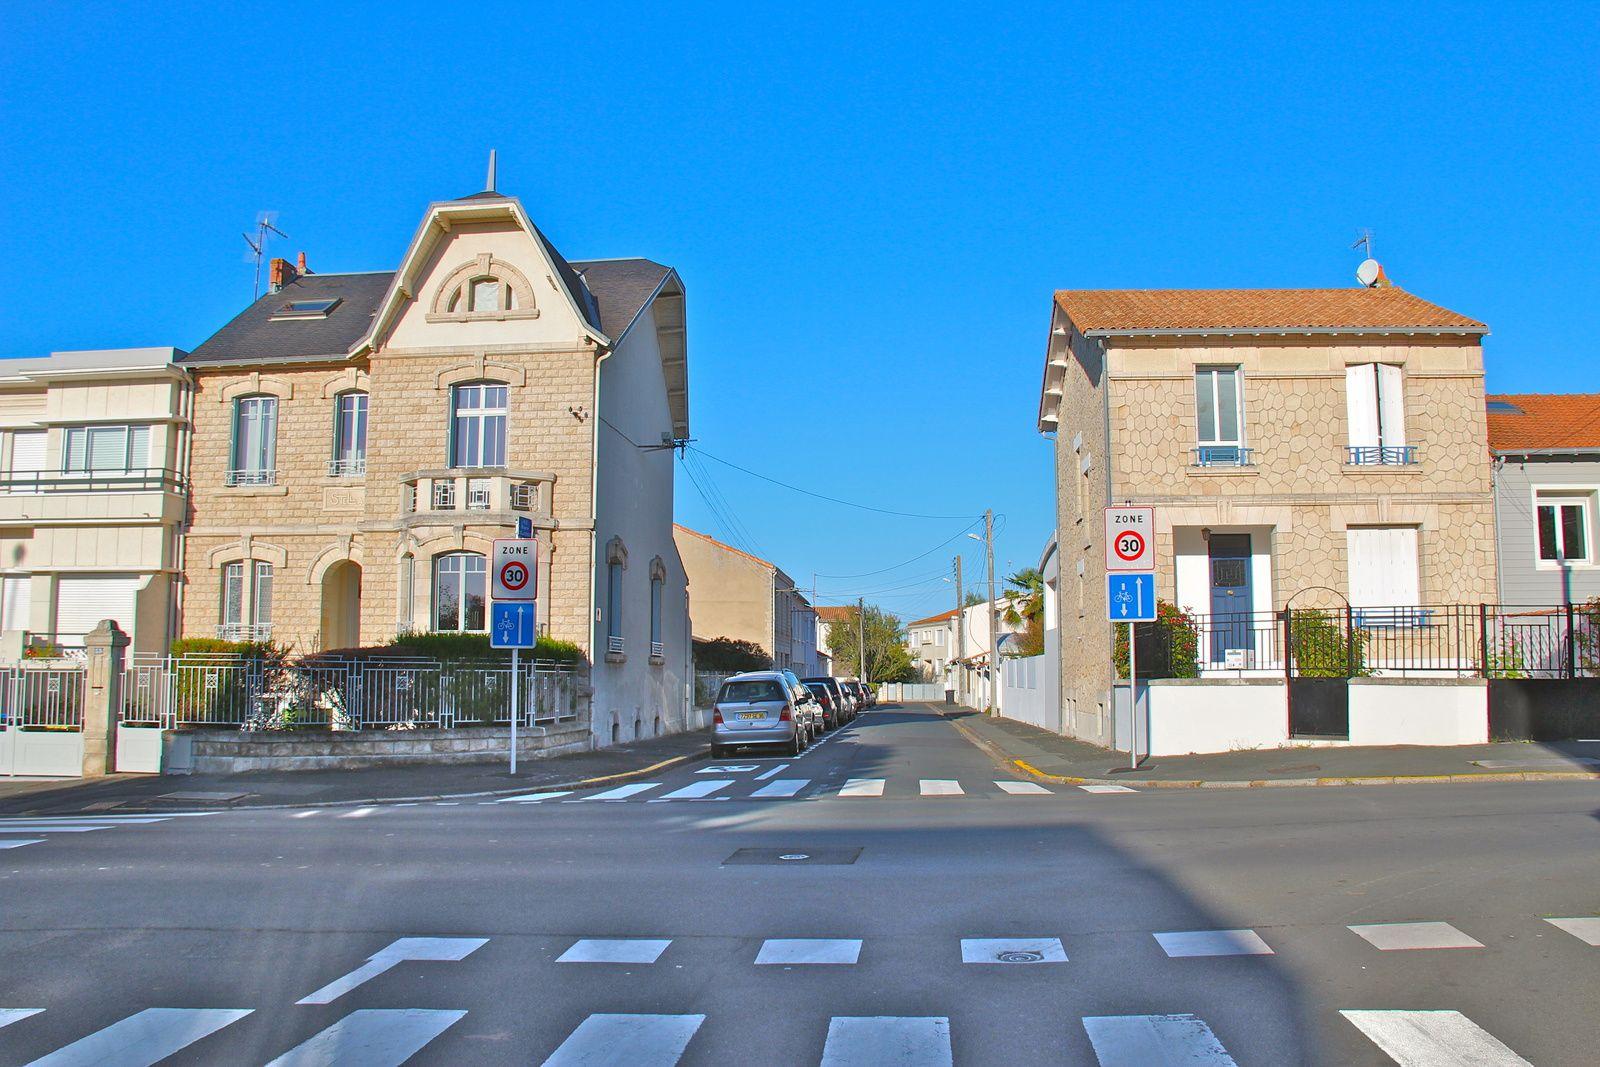 Entrée par l'avenue Aristide-Briand et sortie sur l'avenue Edmond-Grasset, la rue Eugène-Delacroix a trouvé un sens.